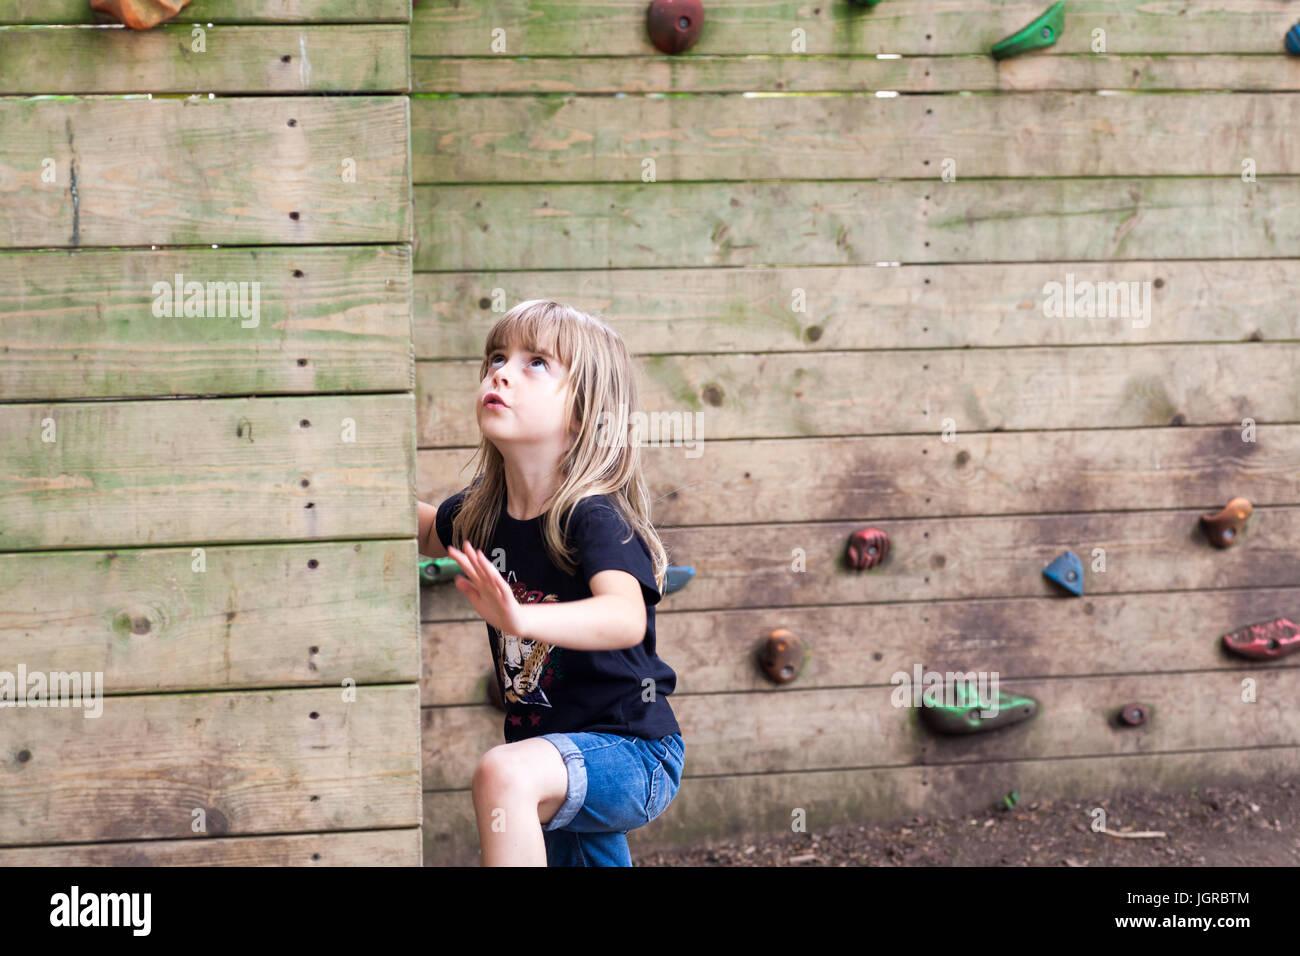 Petite fille commence à grimper en haut d'un mur d'escalade en bois. cute child avec mode de vie actif Photo Stock